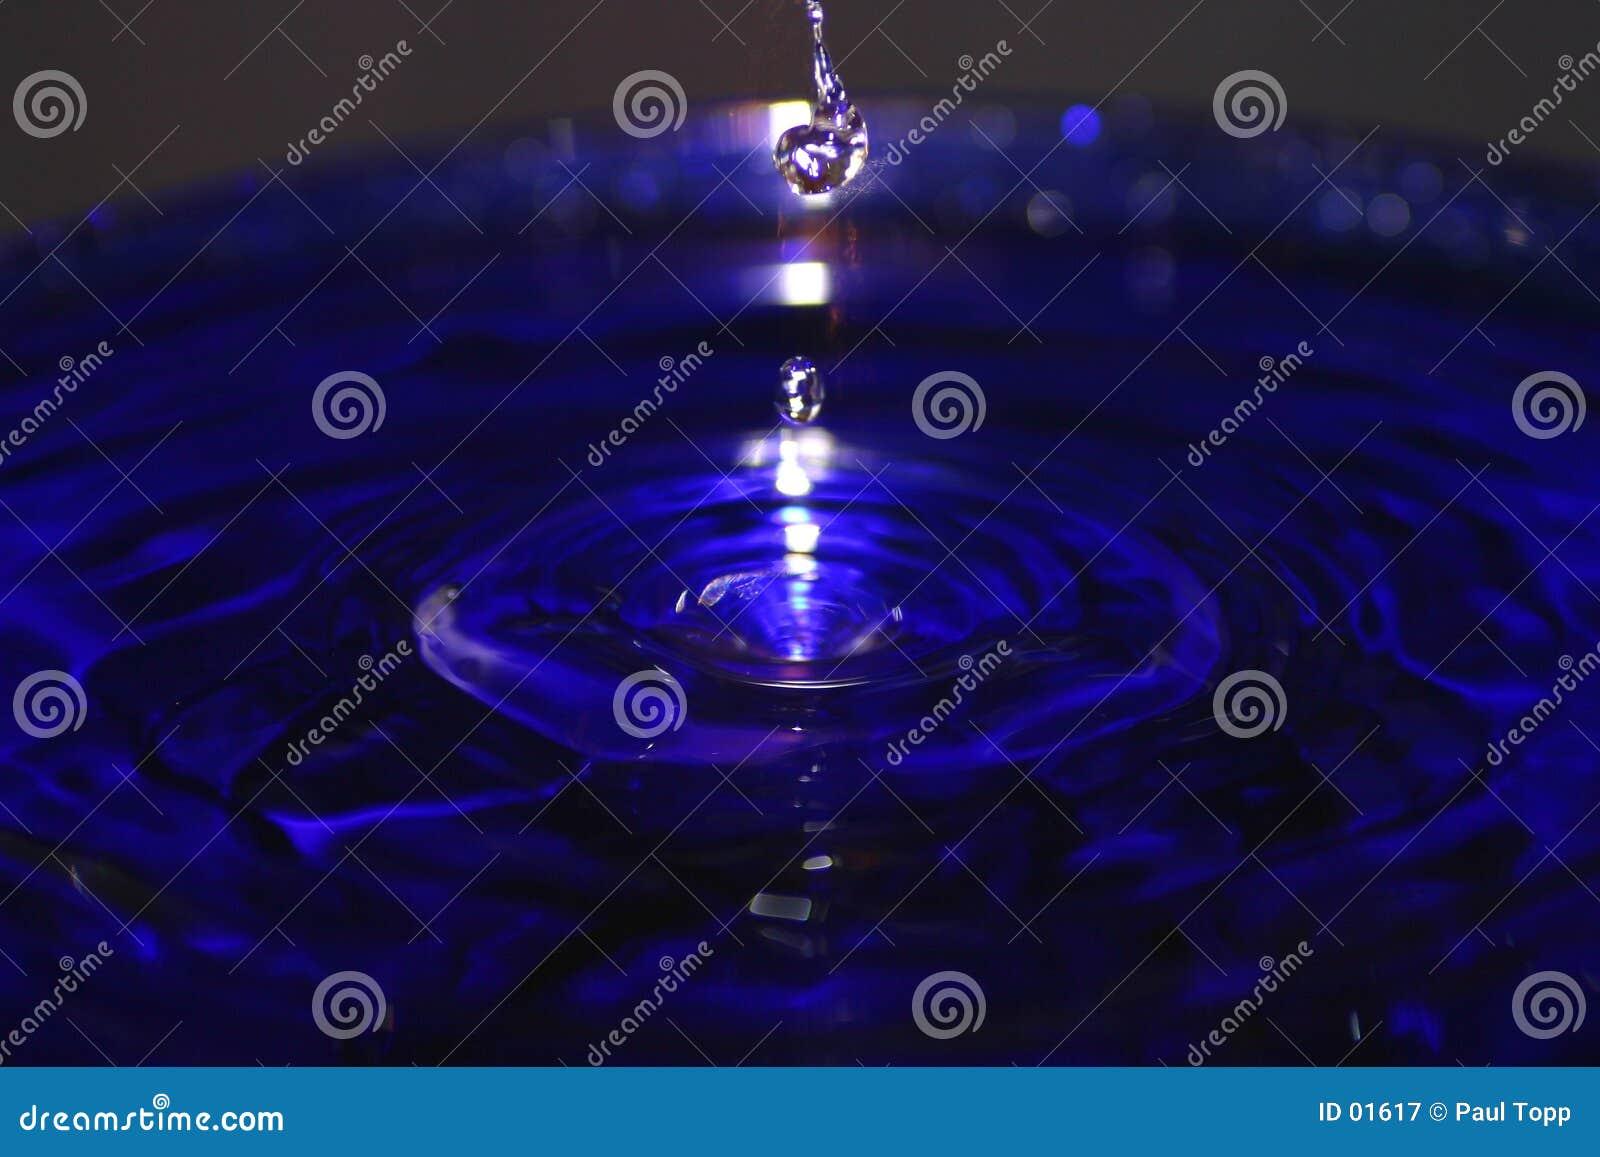 Drops of Water Splashing in a Blue Pool